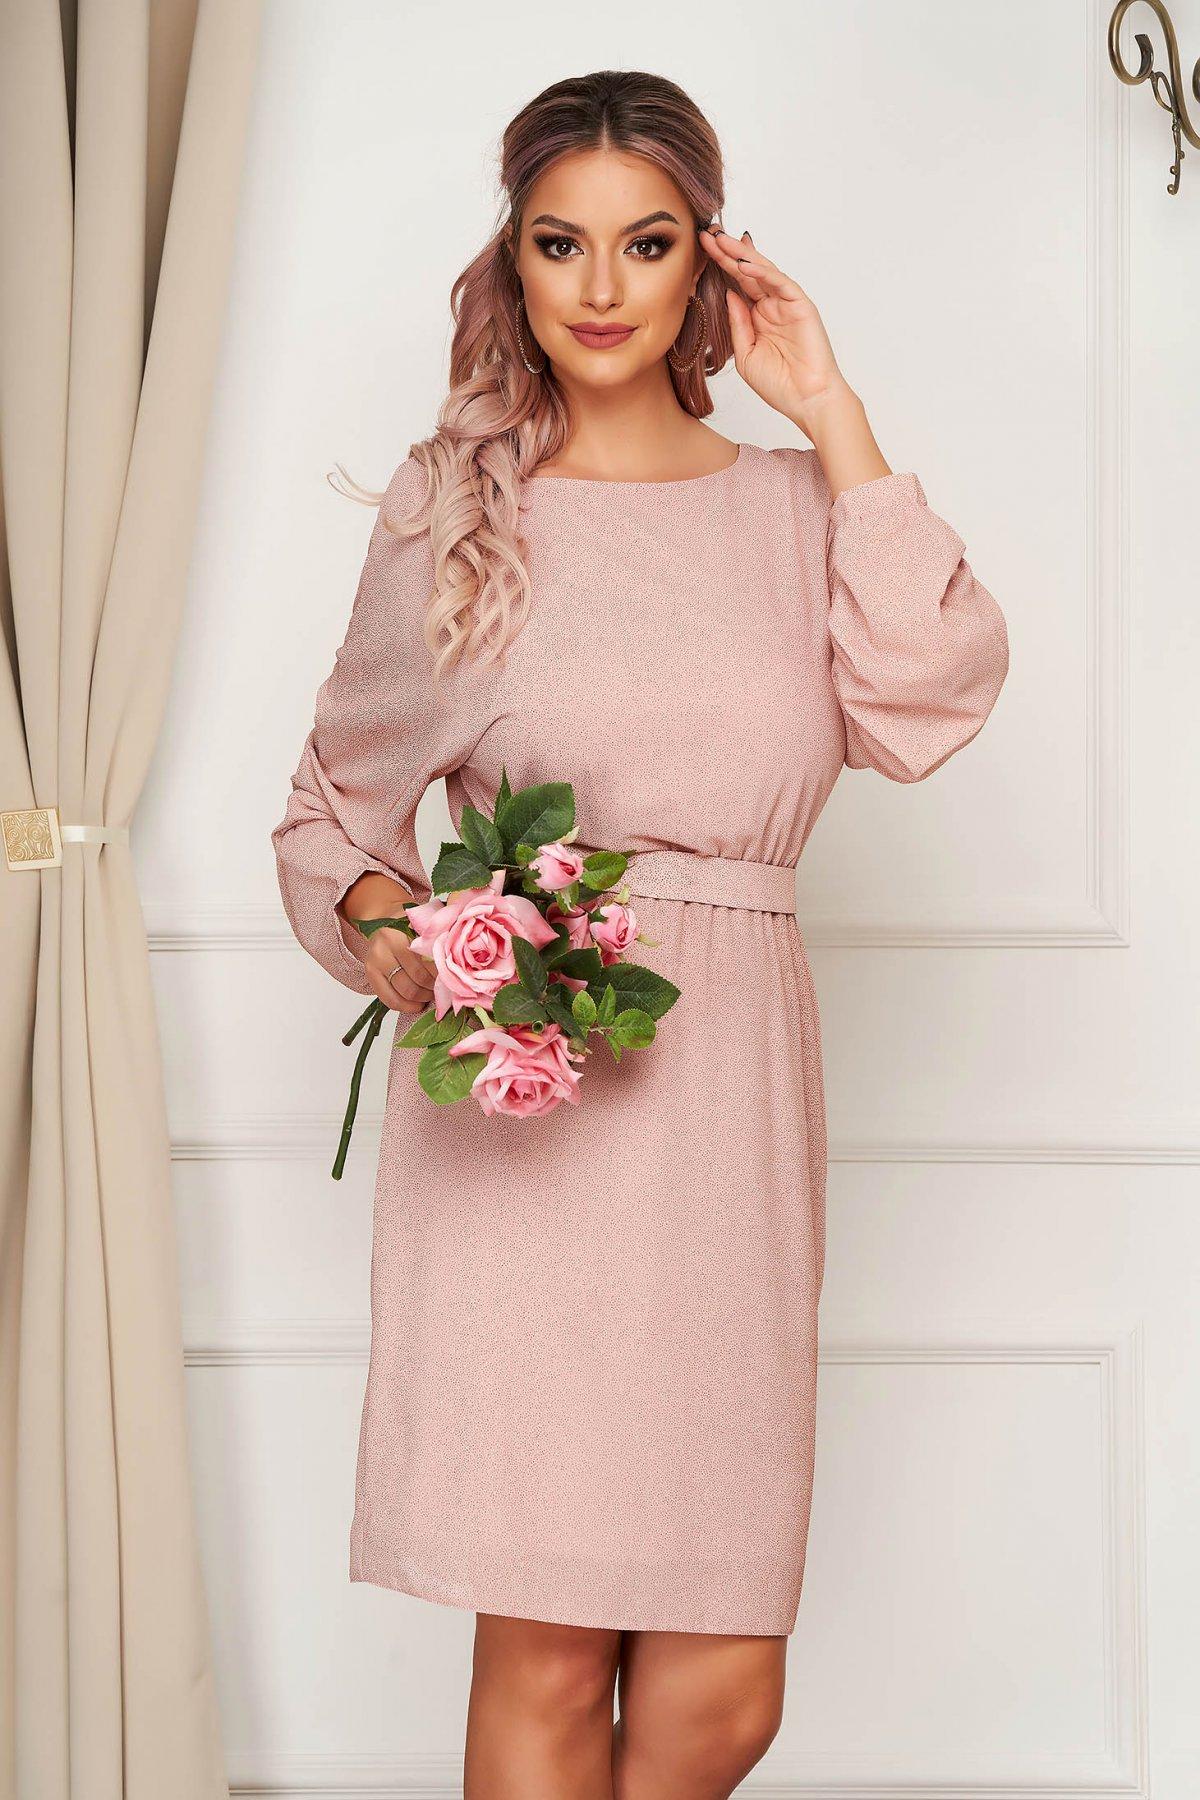 Rochie StarShinerS roz prafuit midi eleganta din voal cu sclipici si maneci largi - medelin.ro